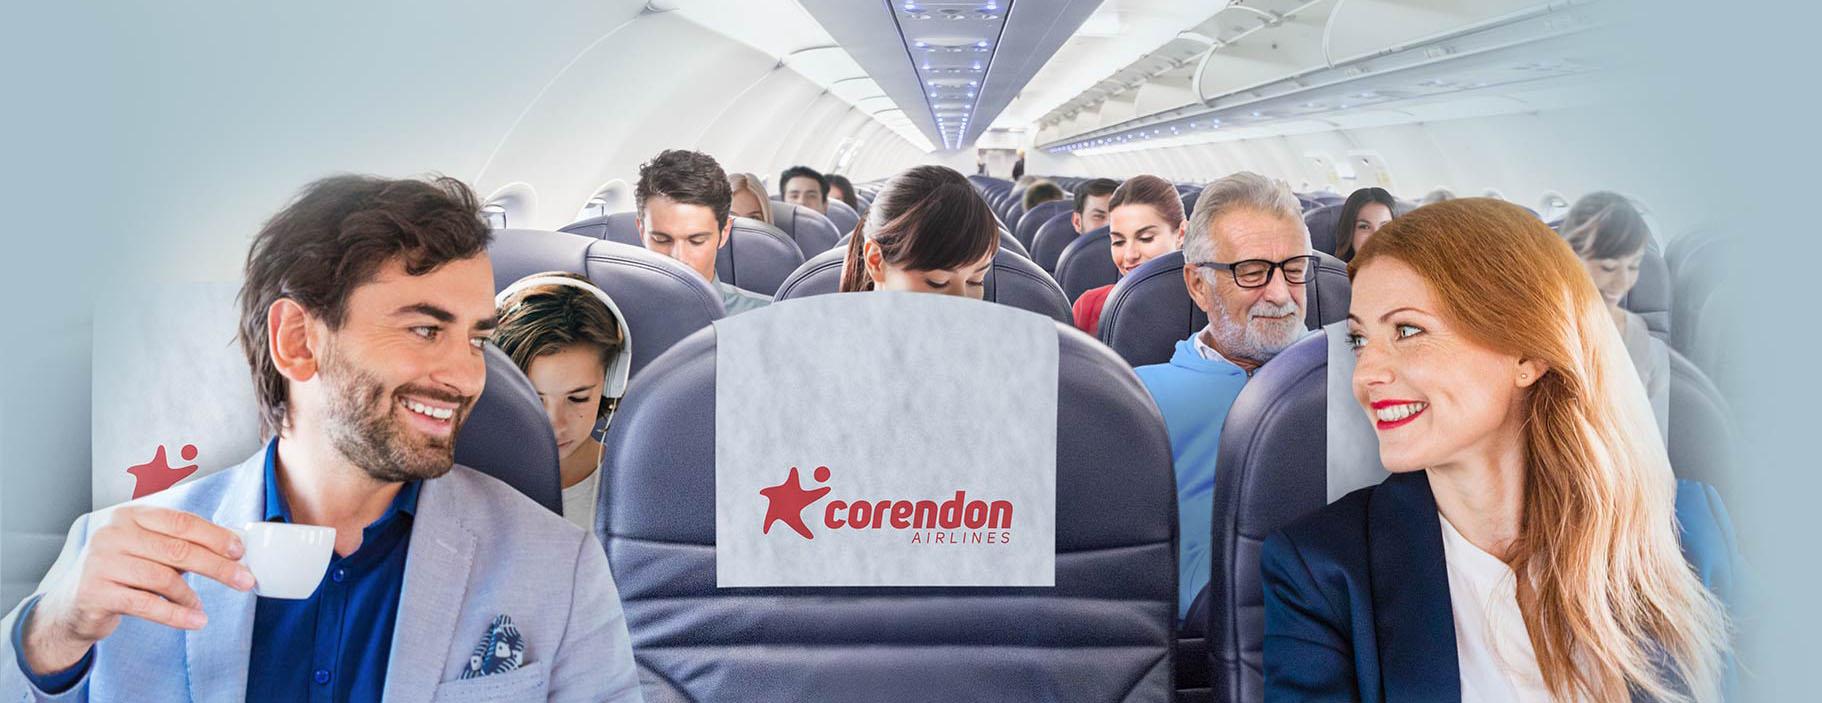 Corendon Airlines Türkiye'de bir ilke imza attı